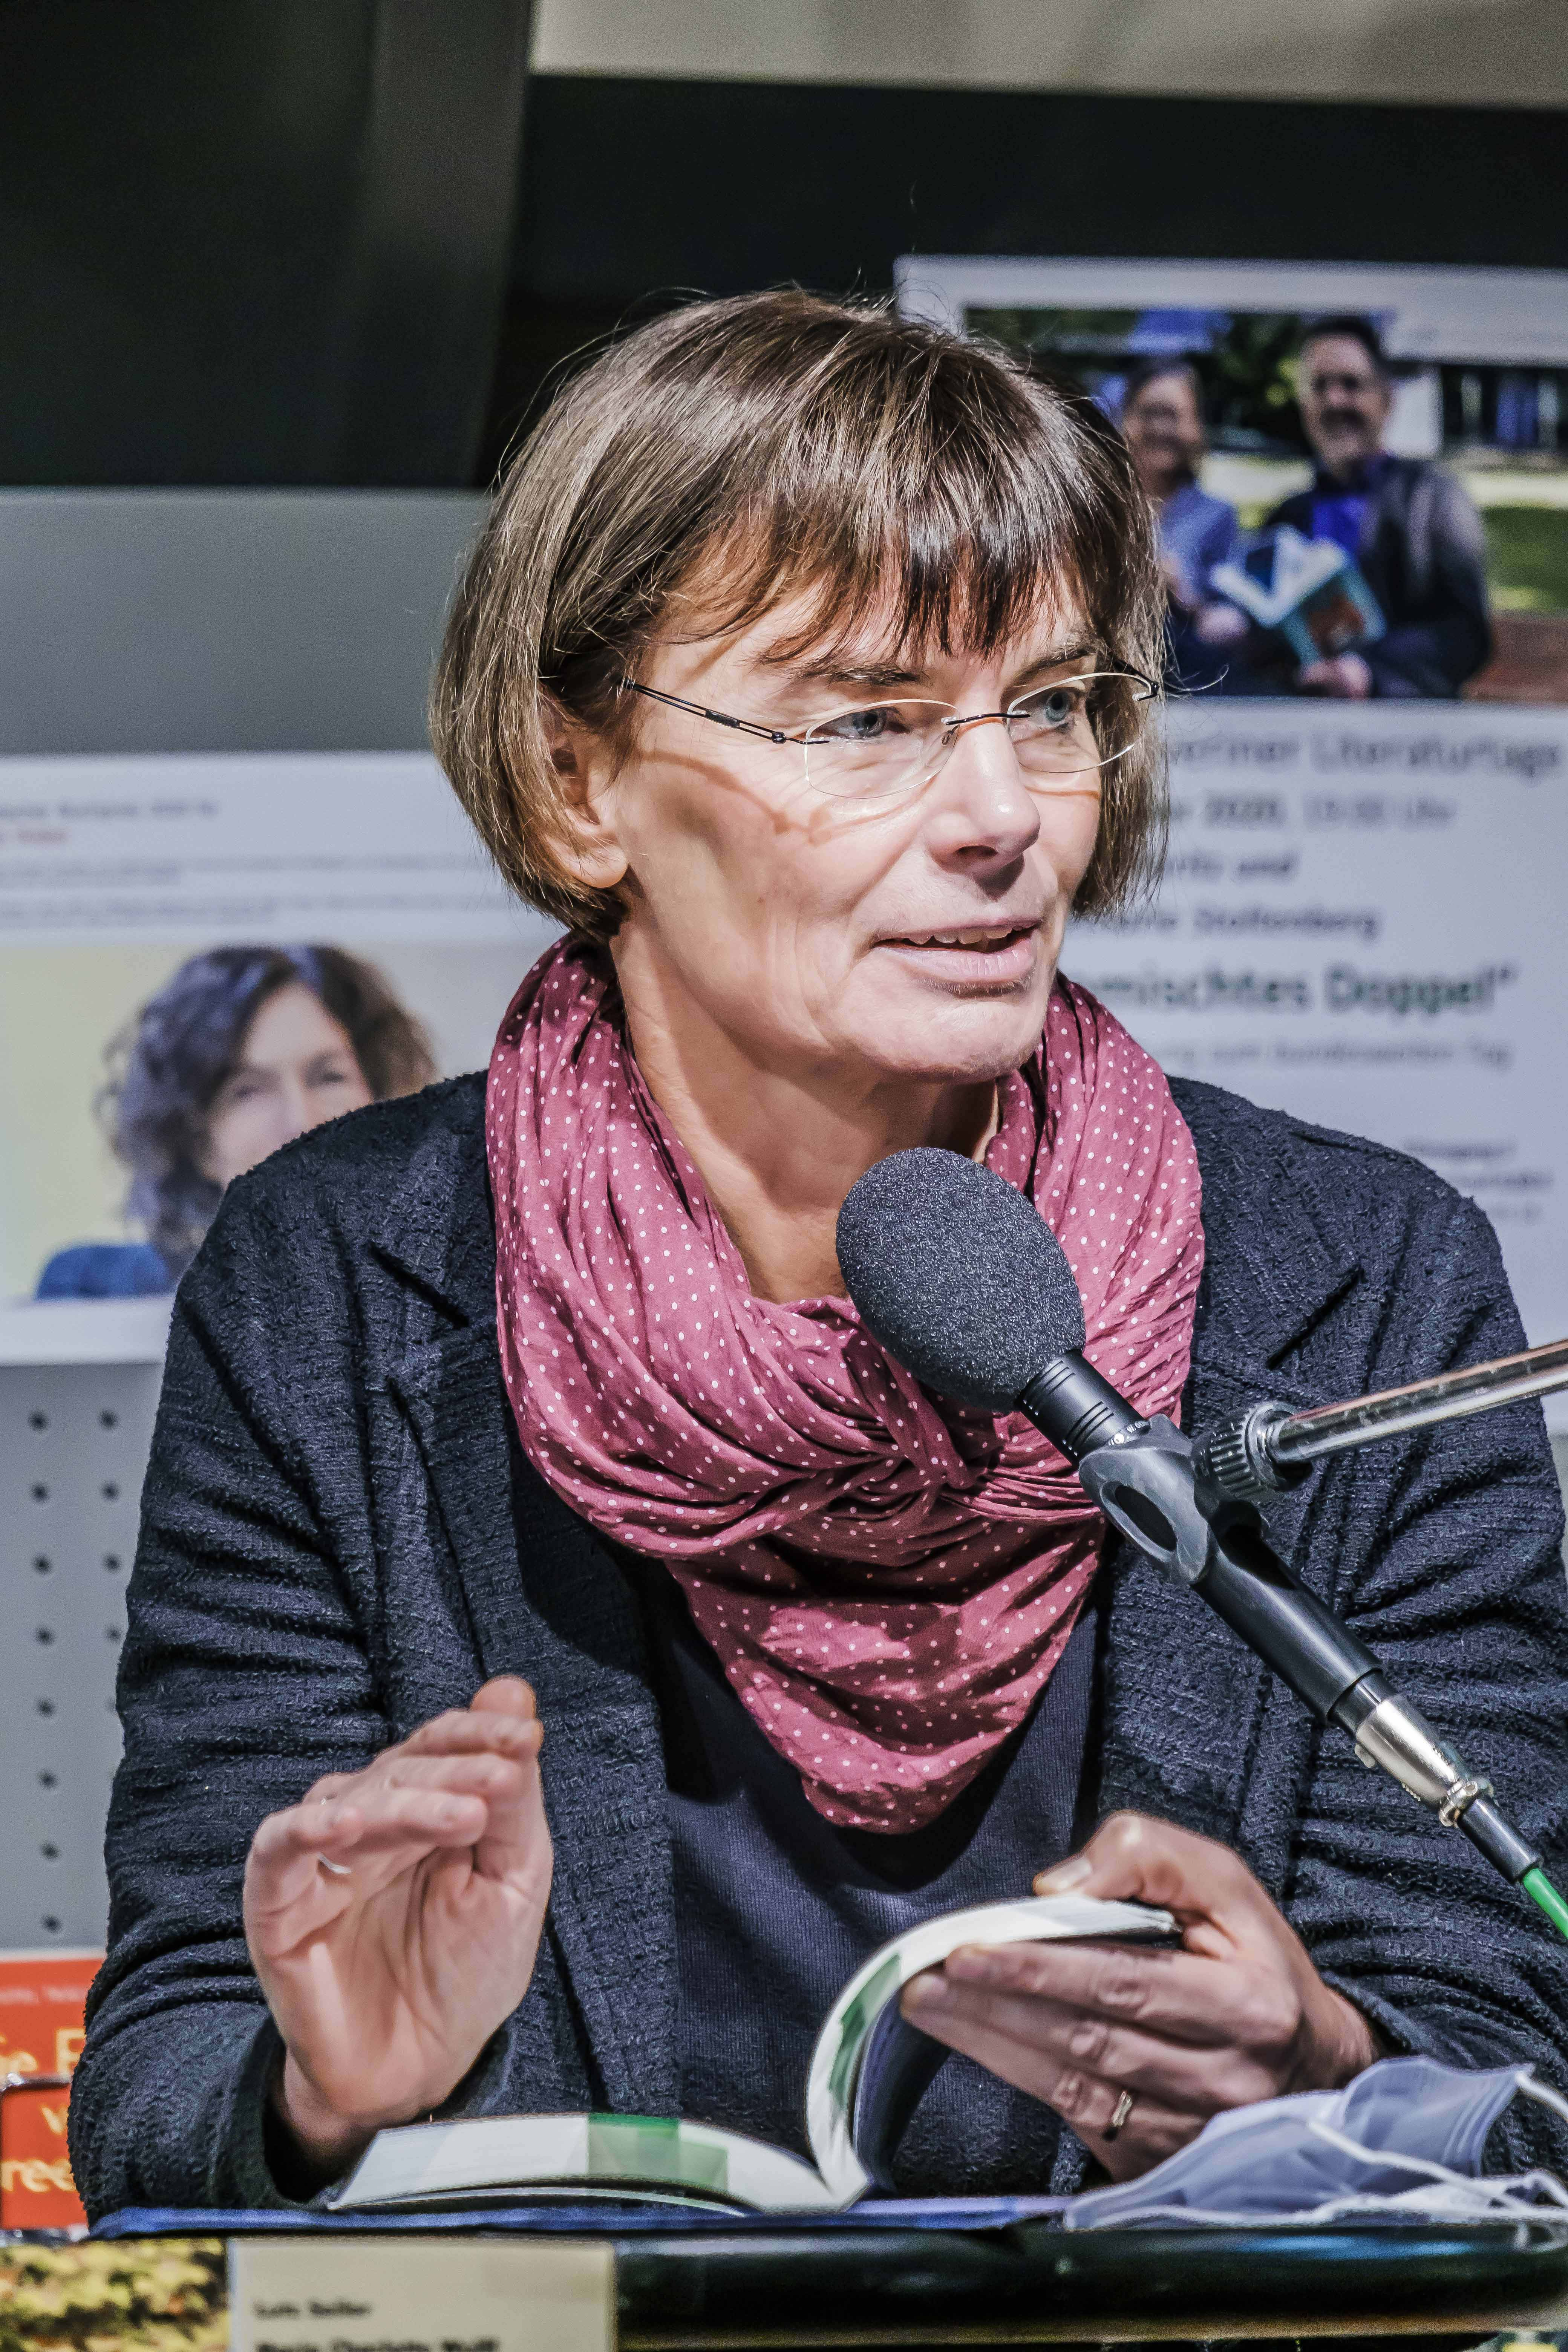 Katrin Heidelk